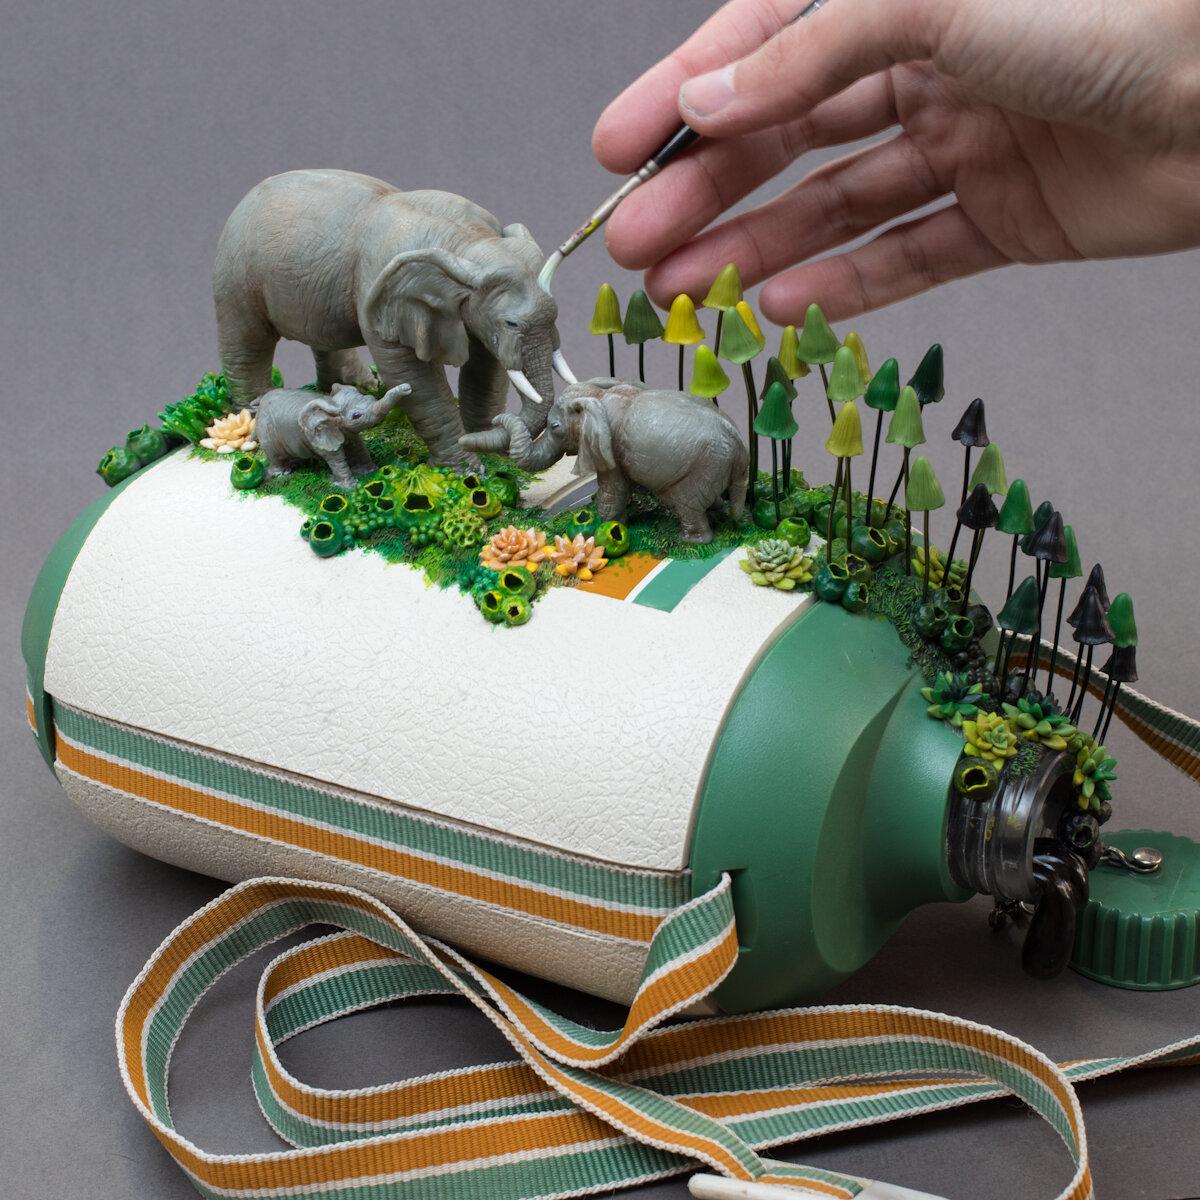 母亲(大象),节俭的塑料食堂11选5技巧,2019年